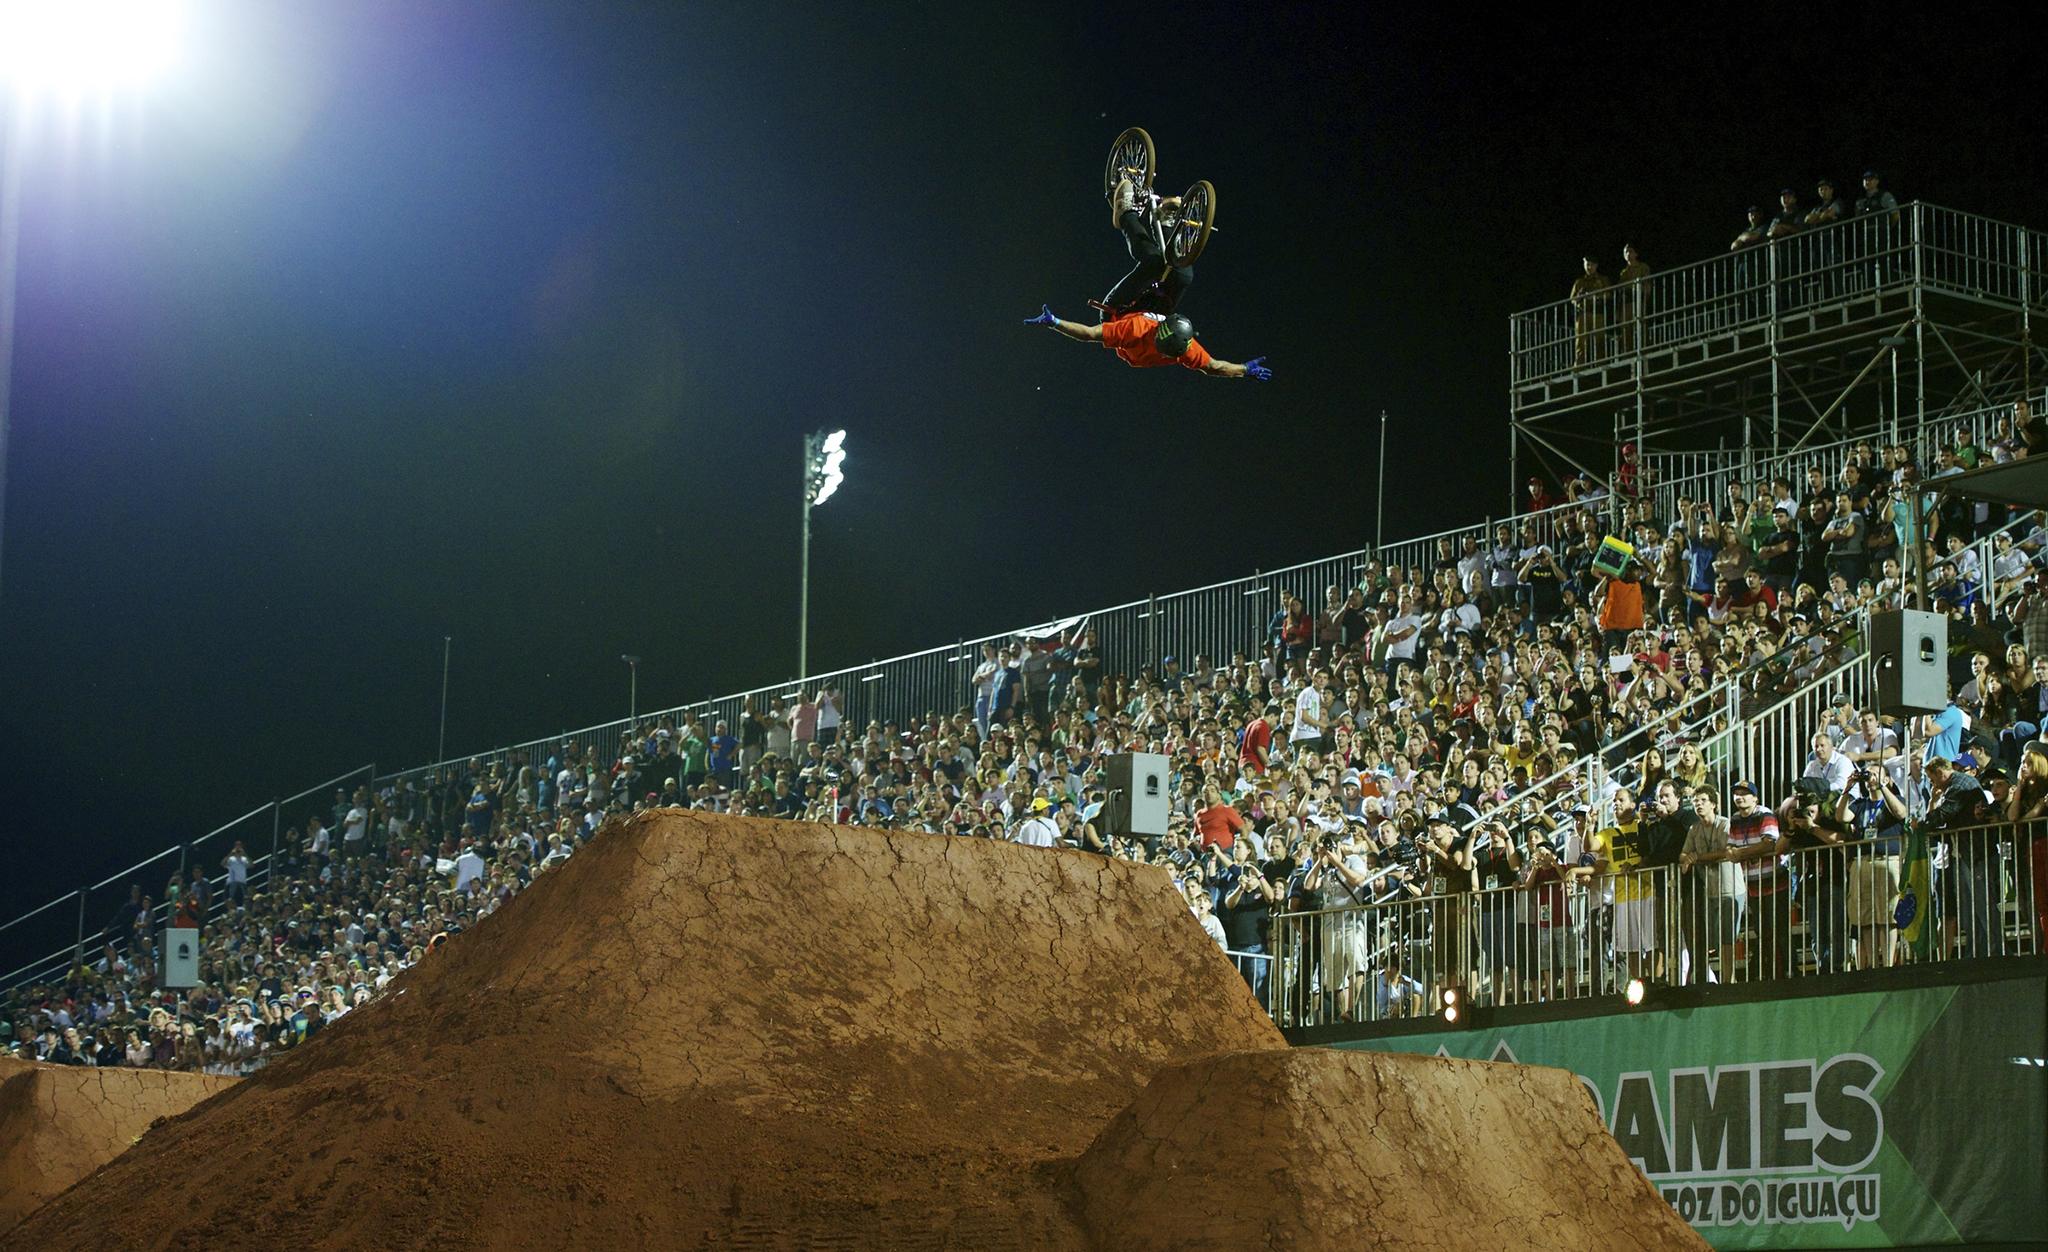 Kyle Baldock, Brazil